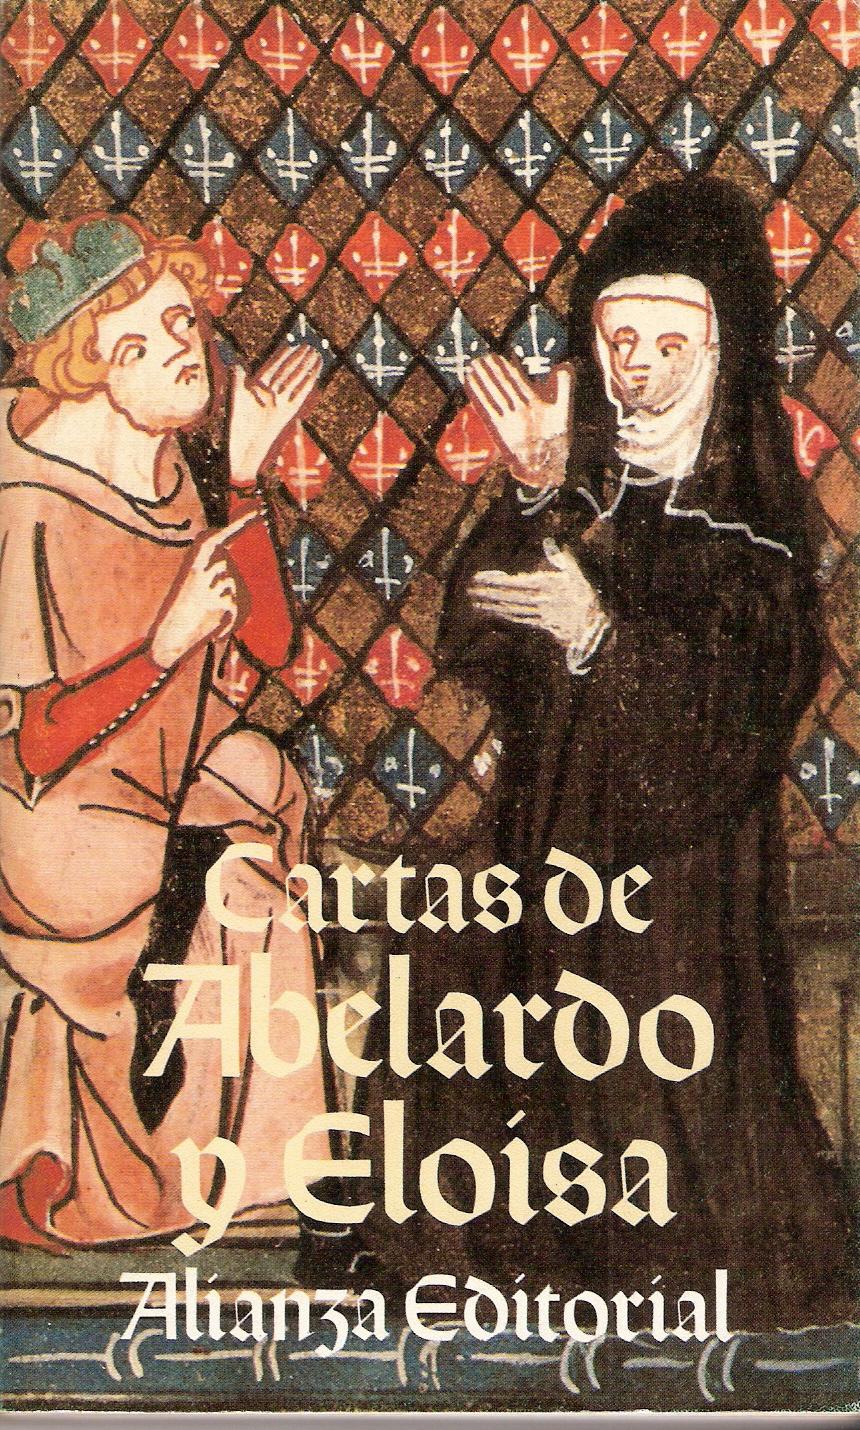 Cartas de Abelardo y...